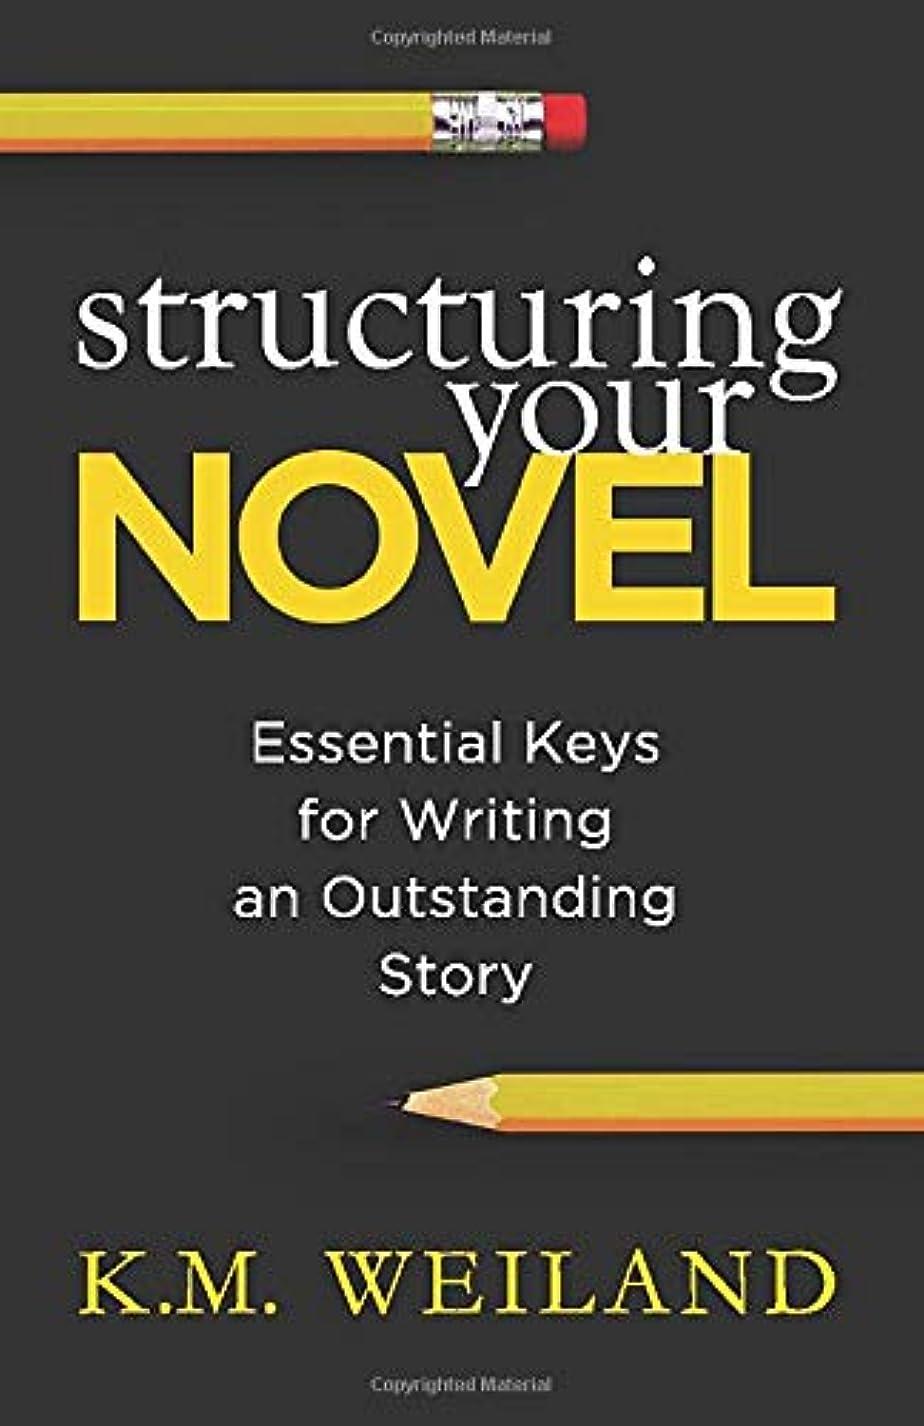 るガロンセメントStructuring Your Novel: Essential Keys for Writing an Outstanding Story